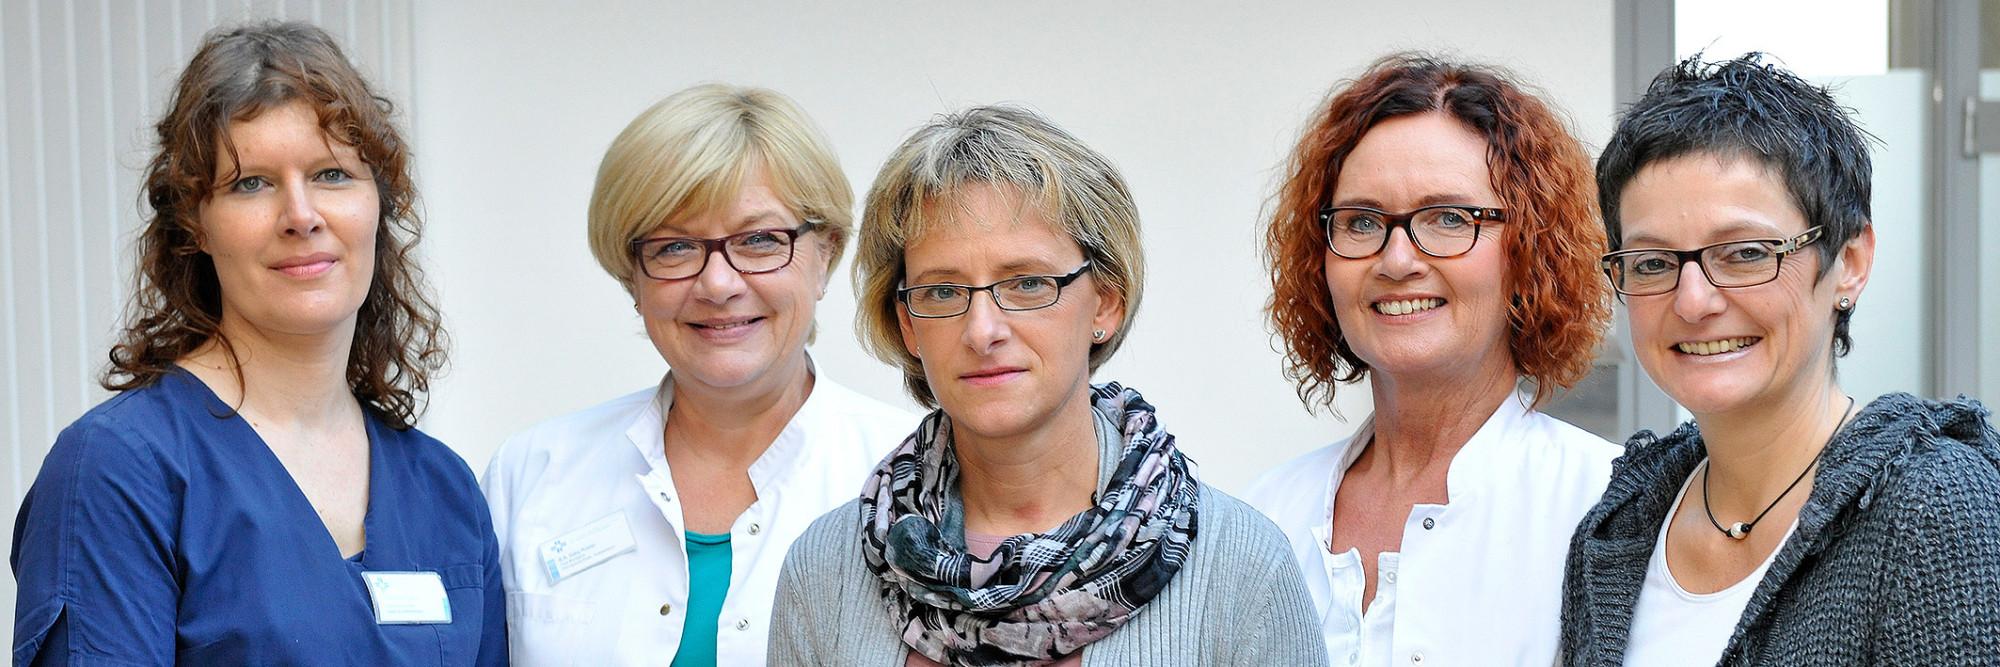 Die Patientenmanagerinnen des Katholischen Karl-Leisner-Klinikums von links nach rechts: Simone Lakin, Gaby Küster, Margit Wolhorn, Susanne Dieckmann-Leuchtgens und Patricia Pawlowski.